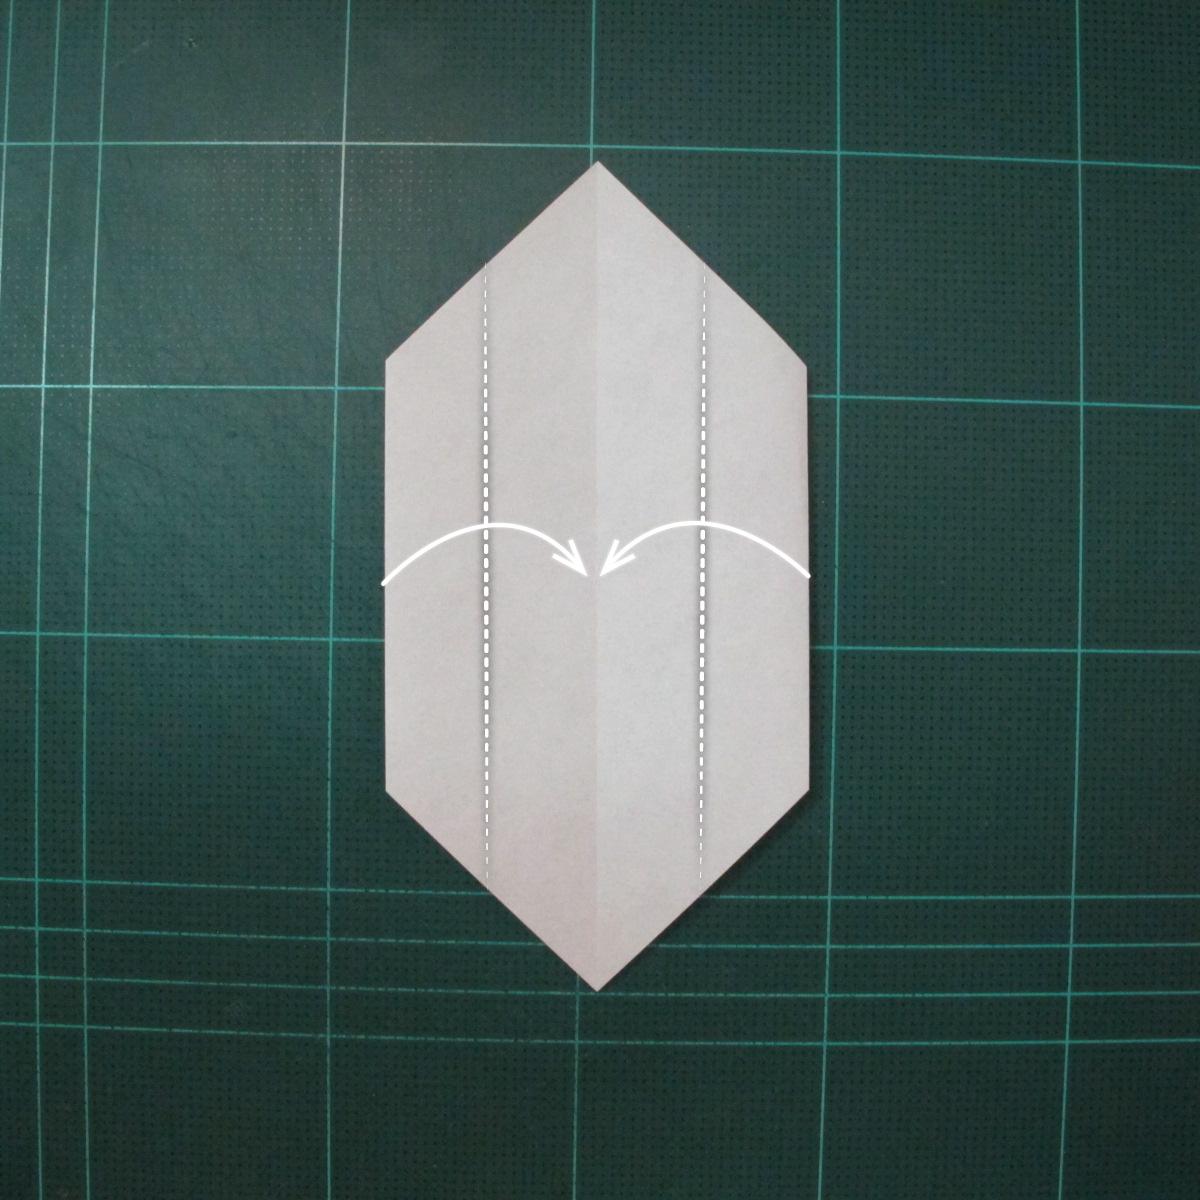 วิธีพับกระดาษเป็นที่คั่นหนังสือรูปหมาบูลด็อก (Origami Bulldog Bookmark) 003